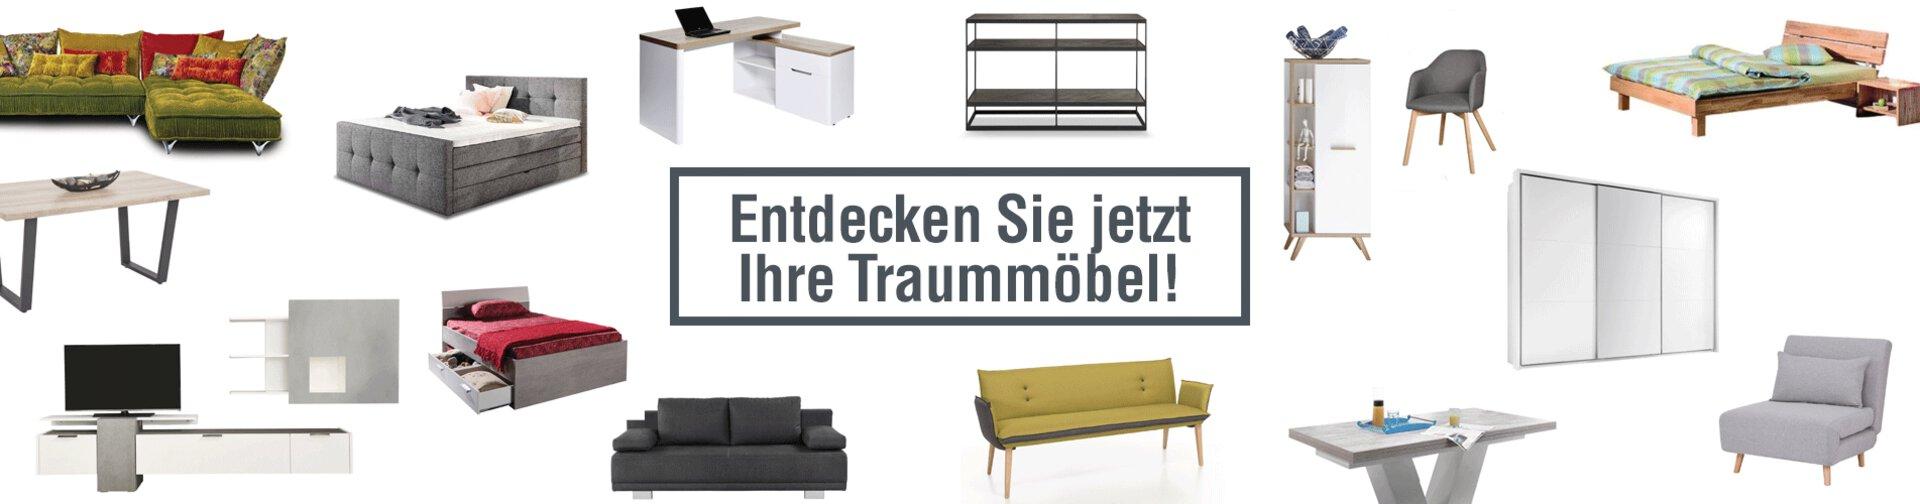 möbel inhofer küchen sofa esstische couches betten